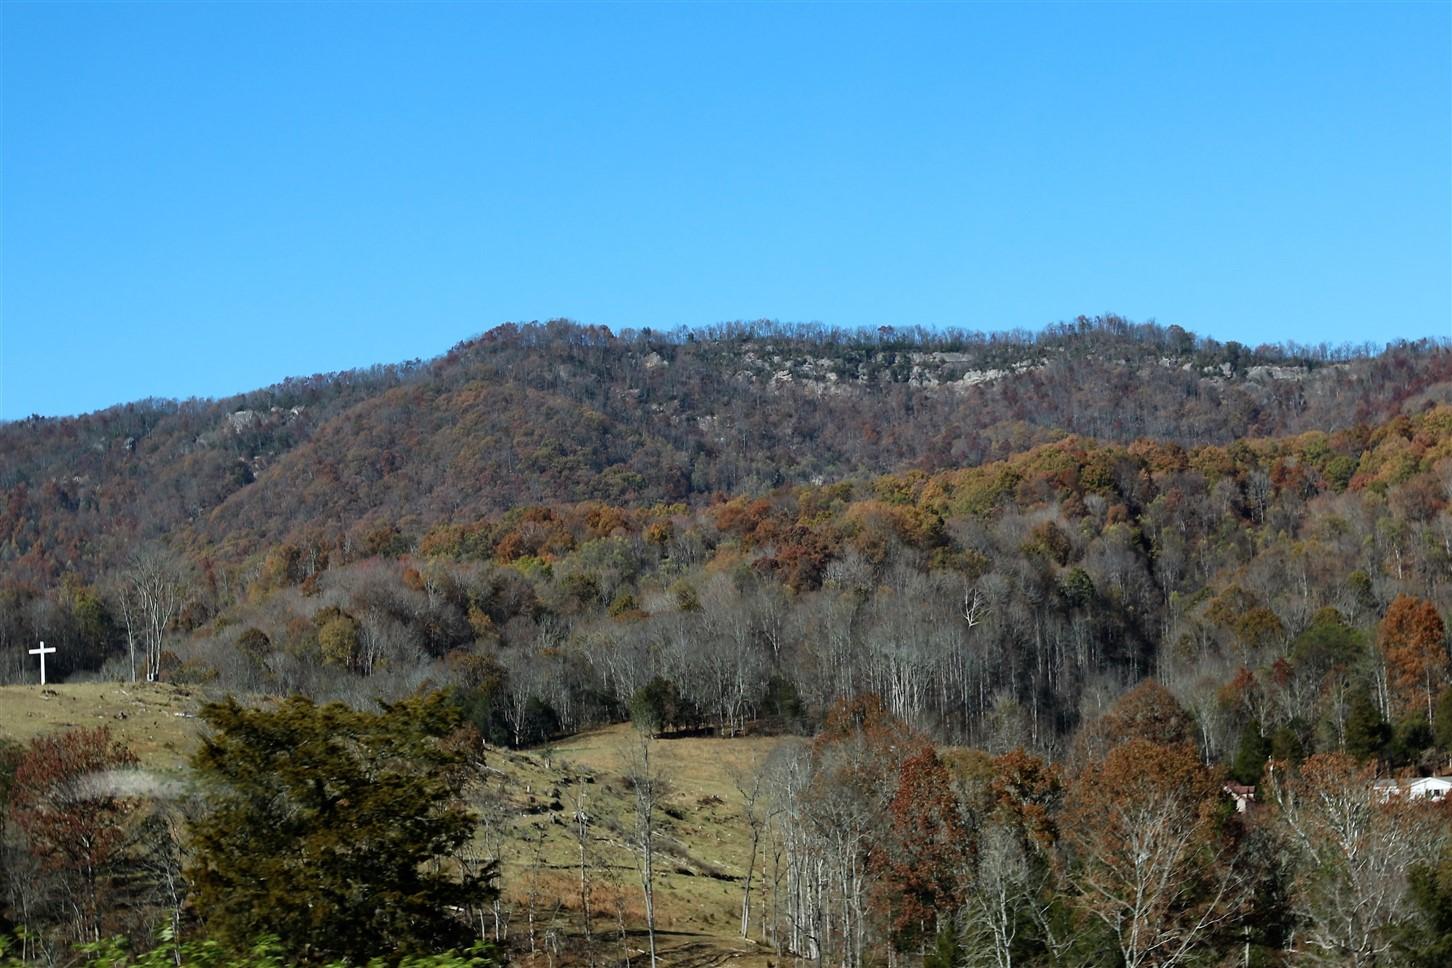 2016 11 12 98 Cumberland Gap KY TN VA.jpg